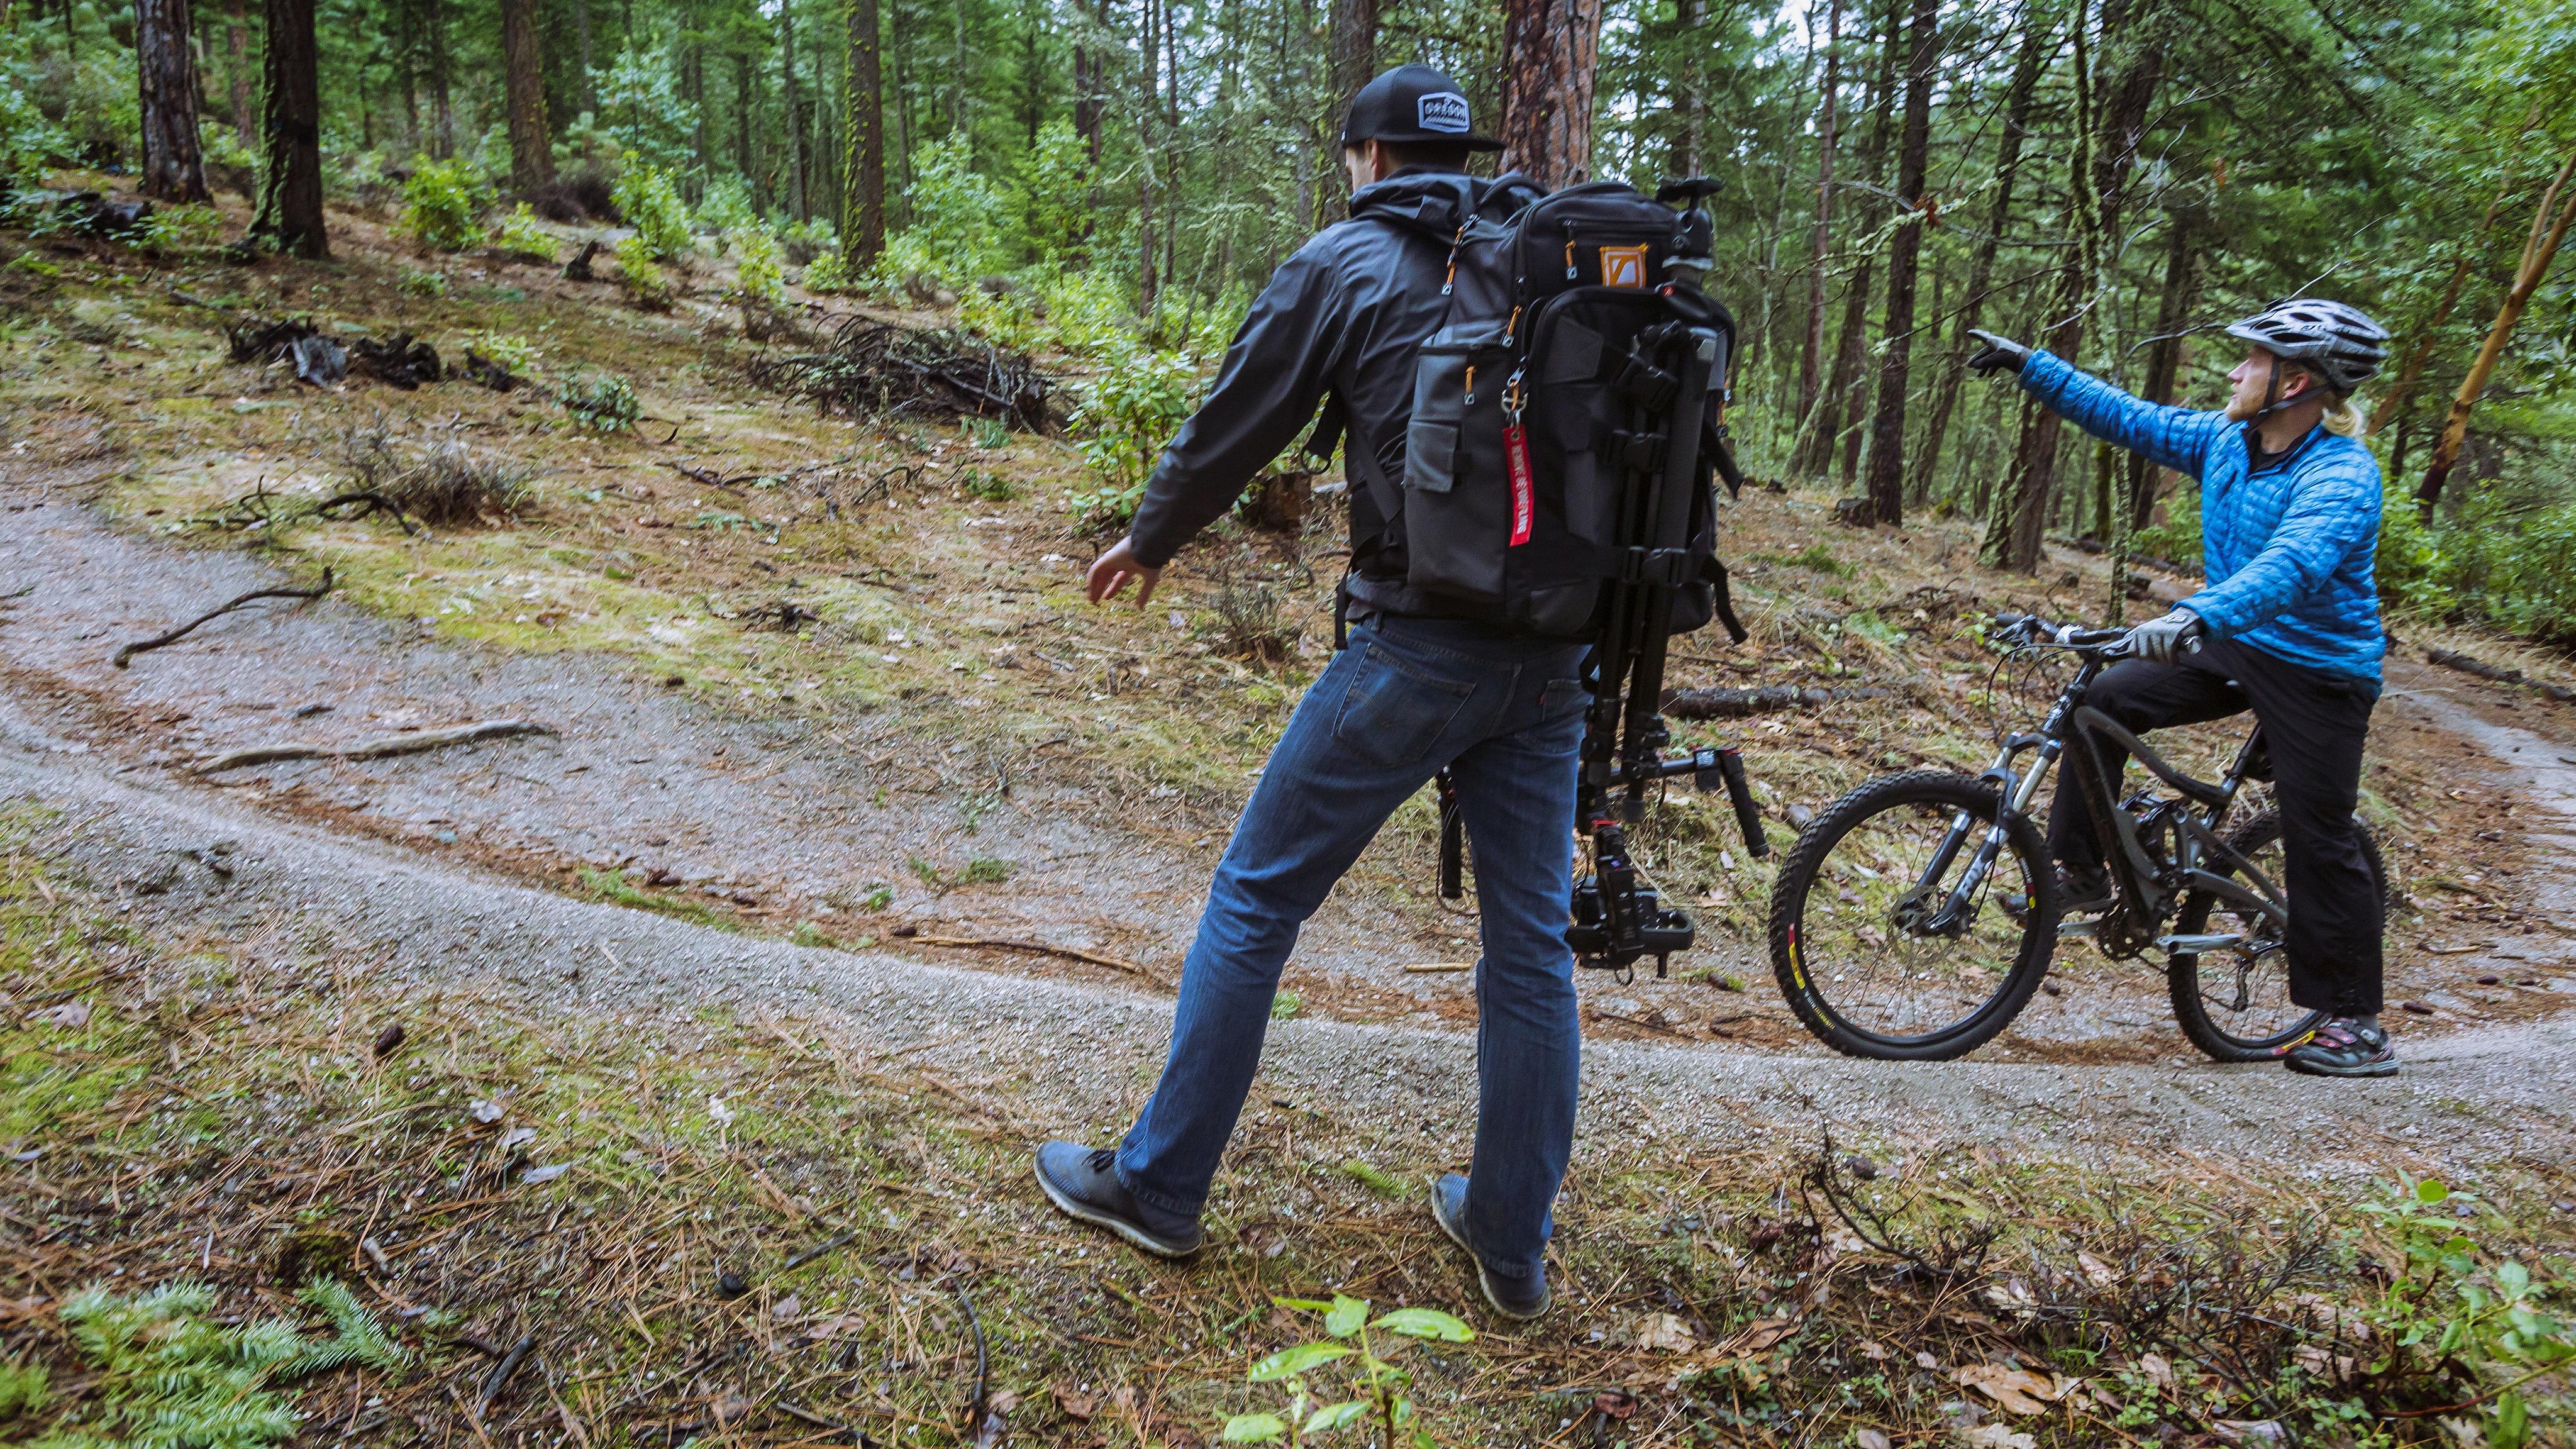 Jared Hail Mountain Bike